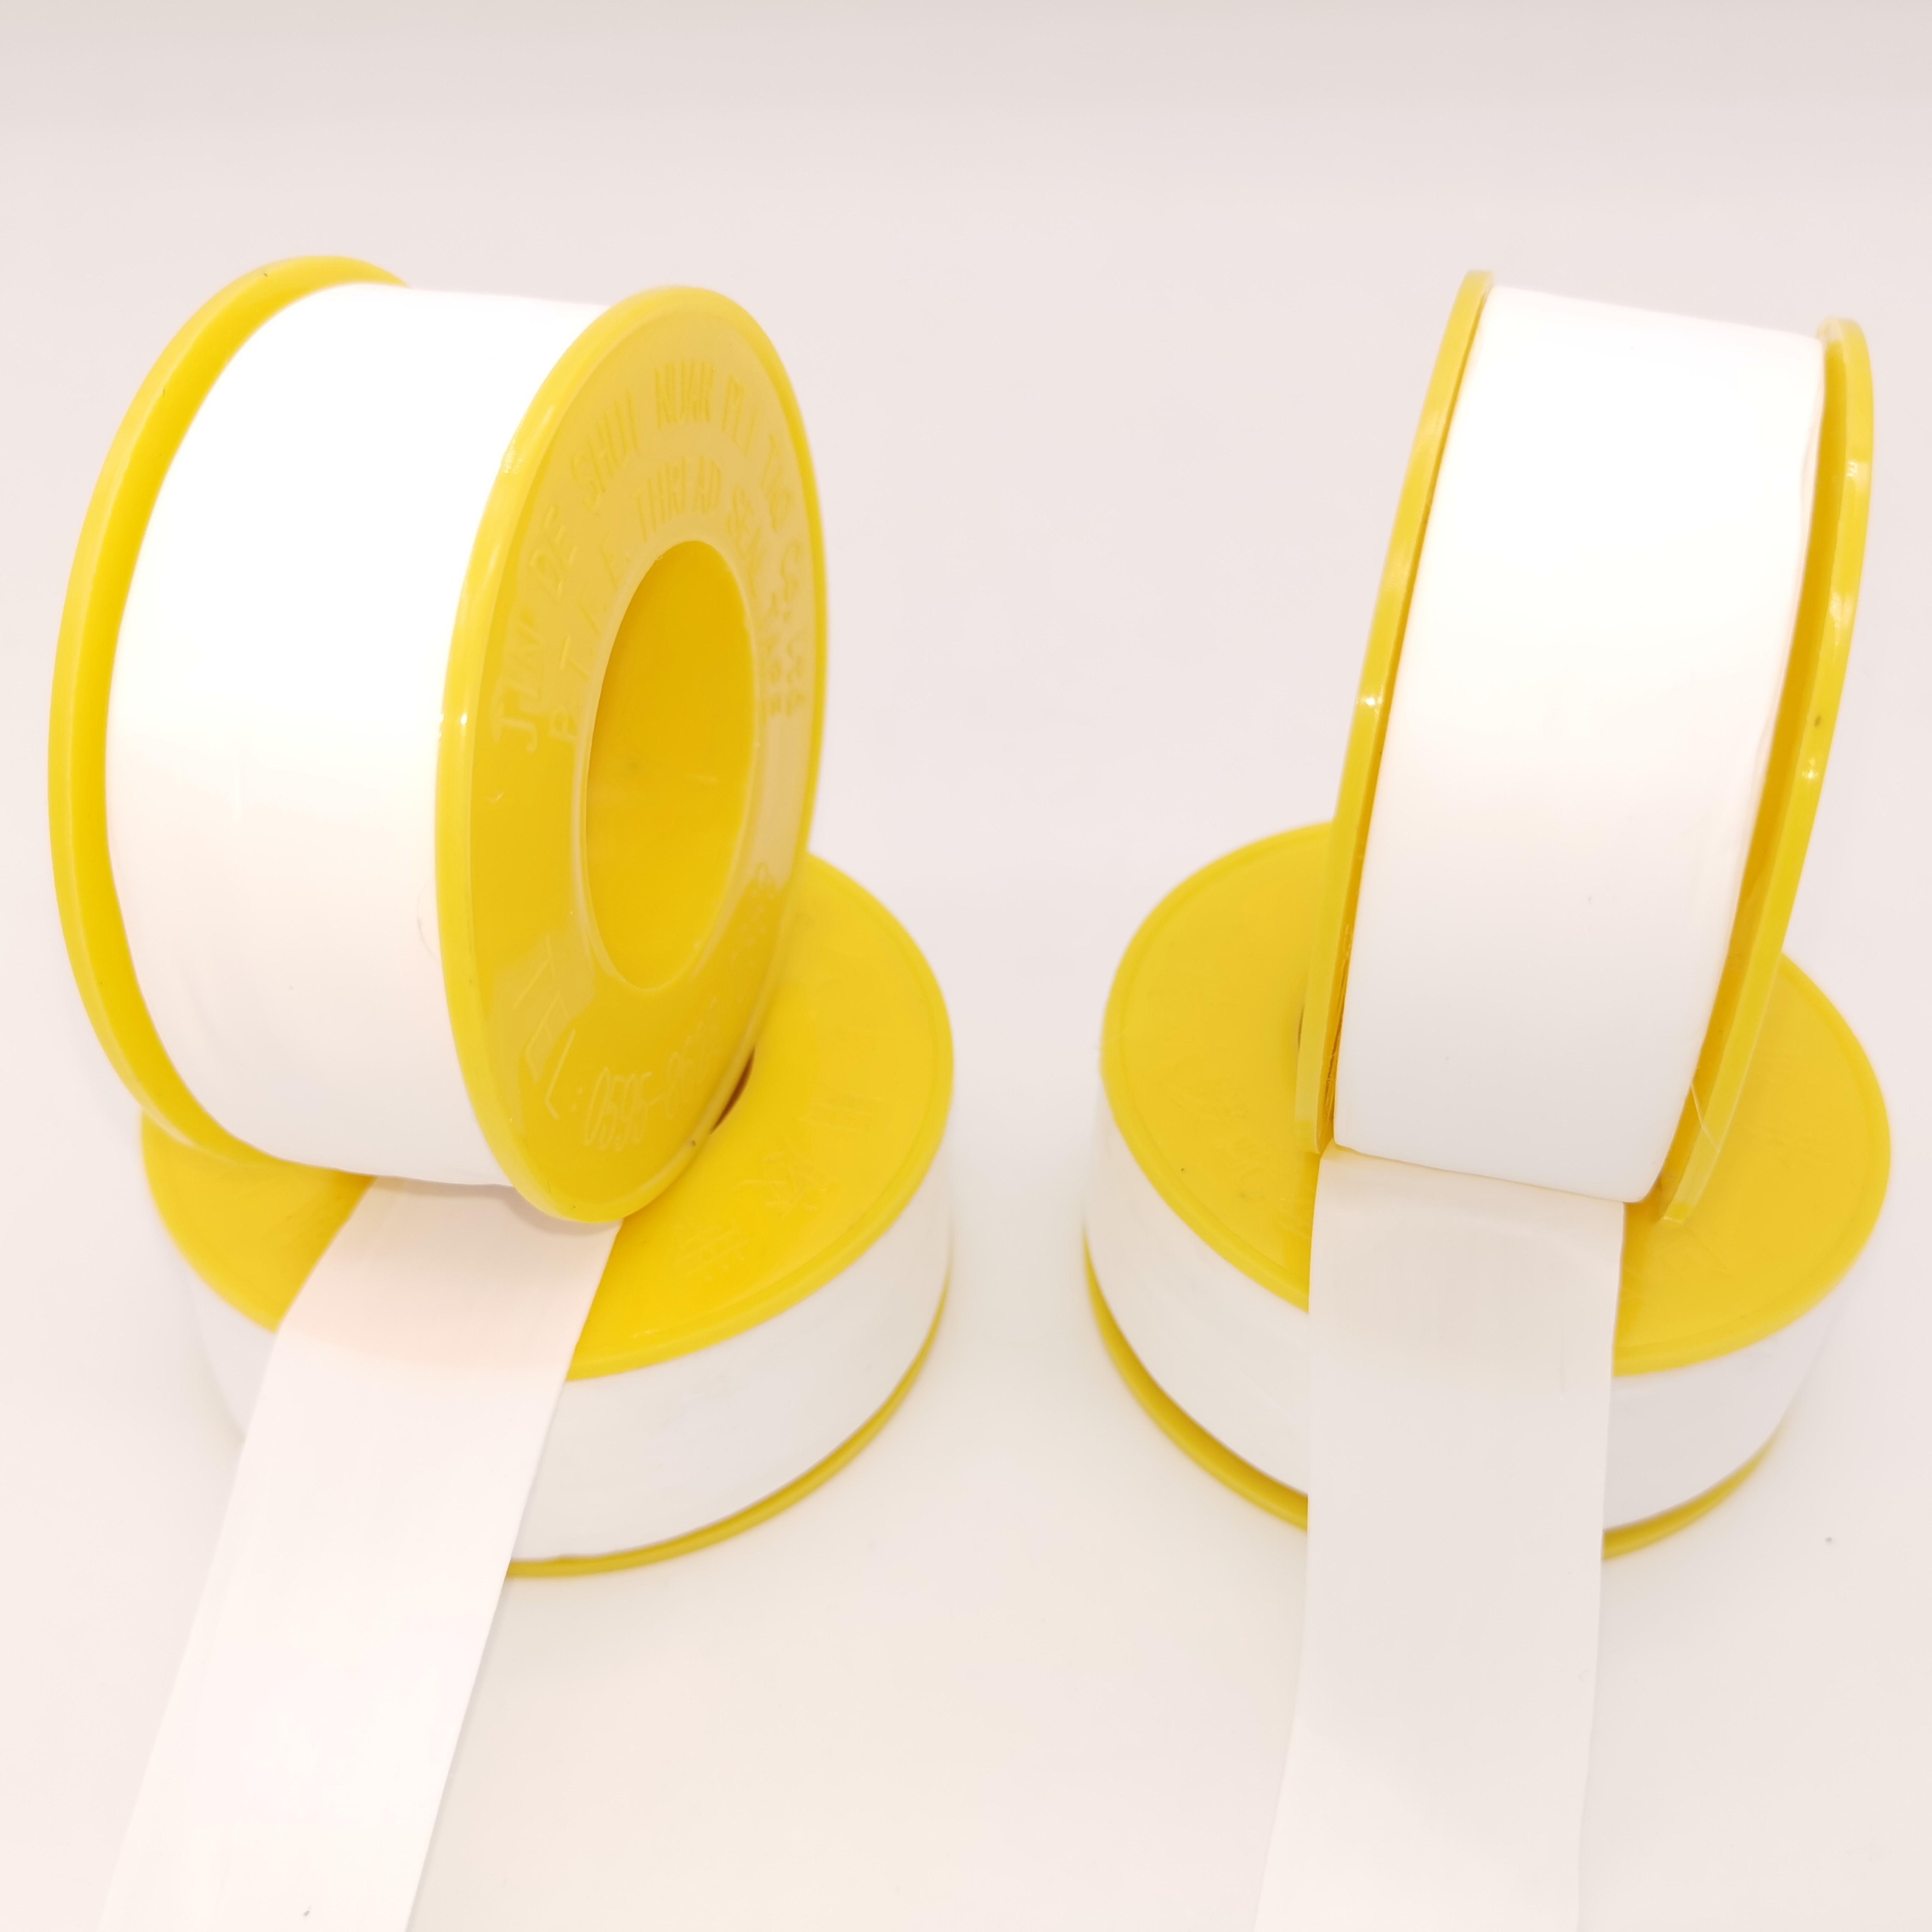 22mm anchura de cinta de ptfe rollo jumbo gaflon de rosca de tubería de sello